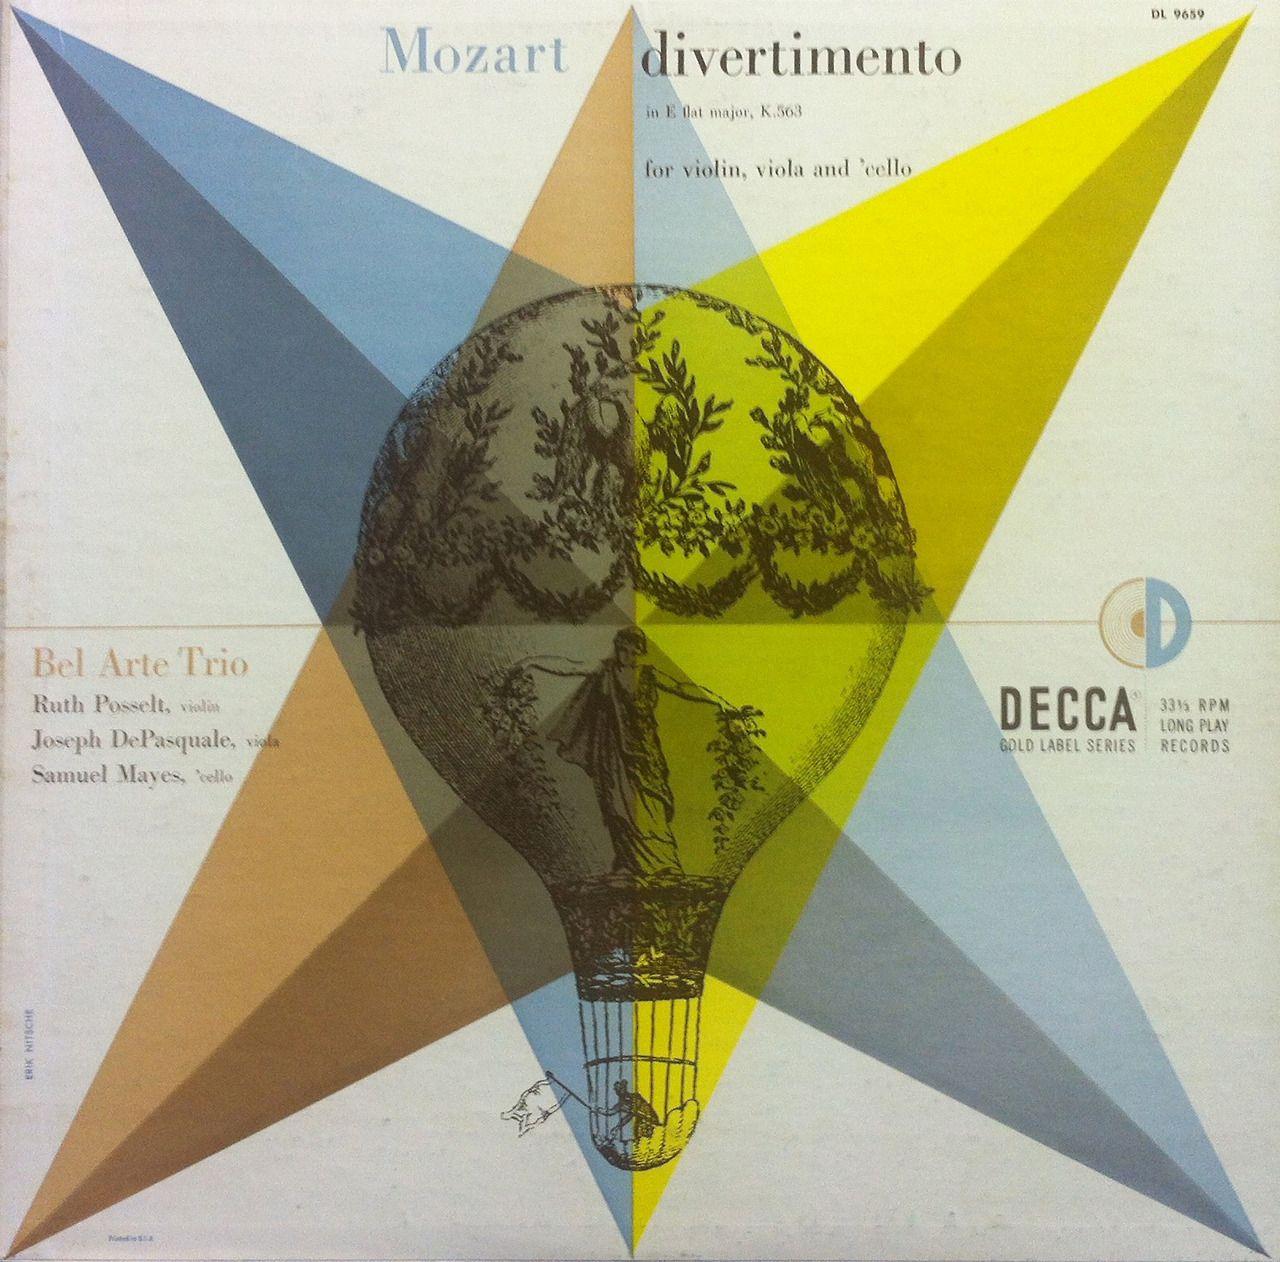 Mozart featuring Bel Arte Trio x Erik Nitsche